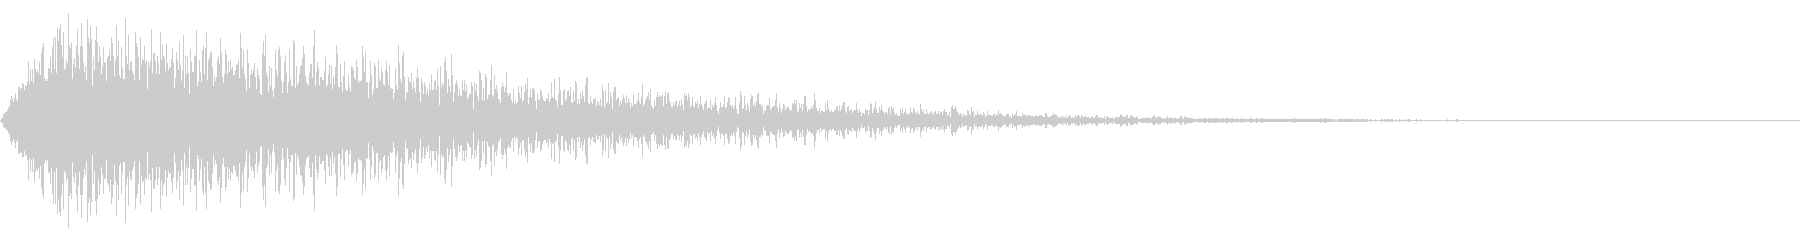 シュウウッ(文字などが出現する音などの未再生の波形